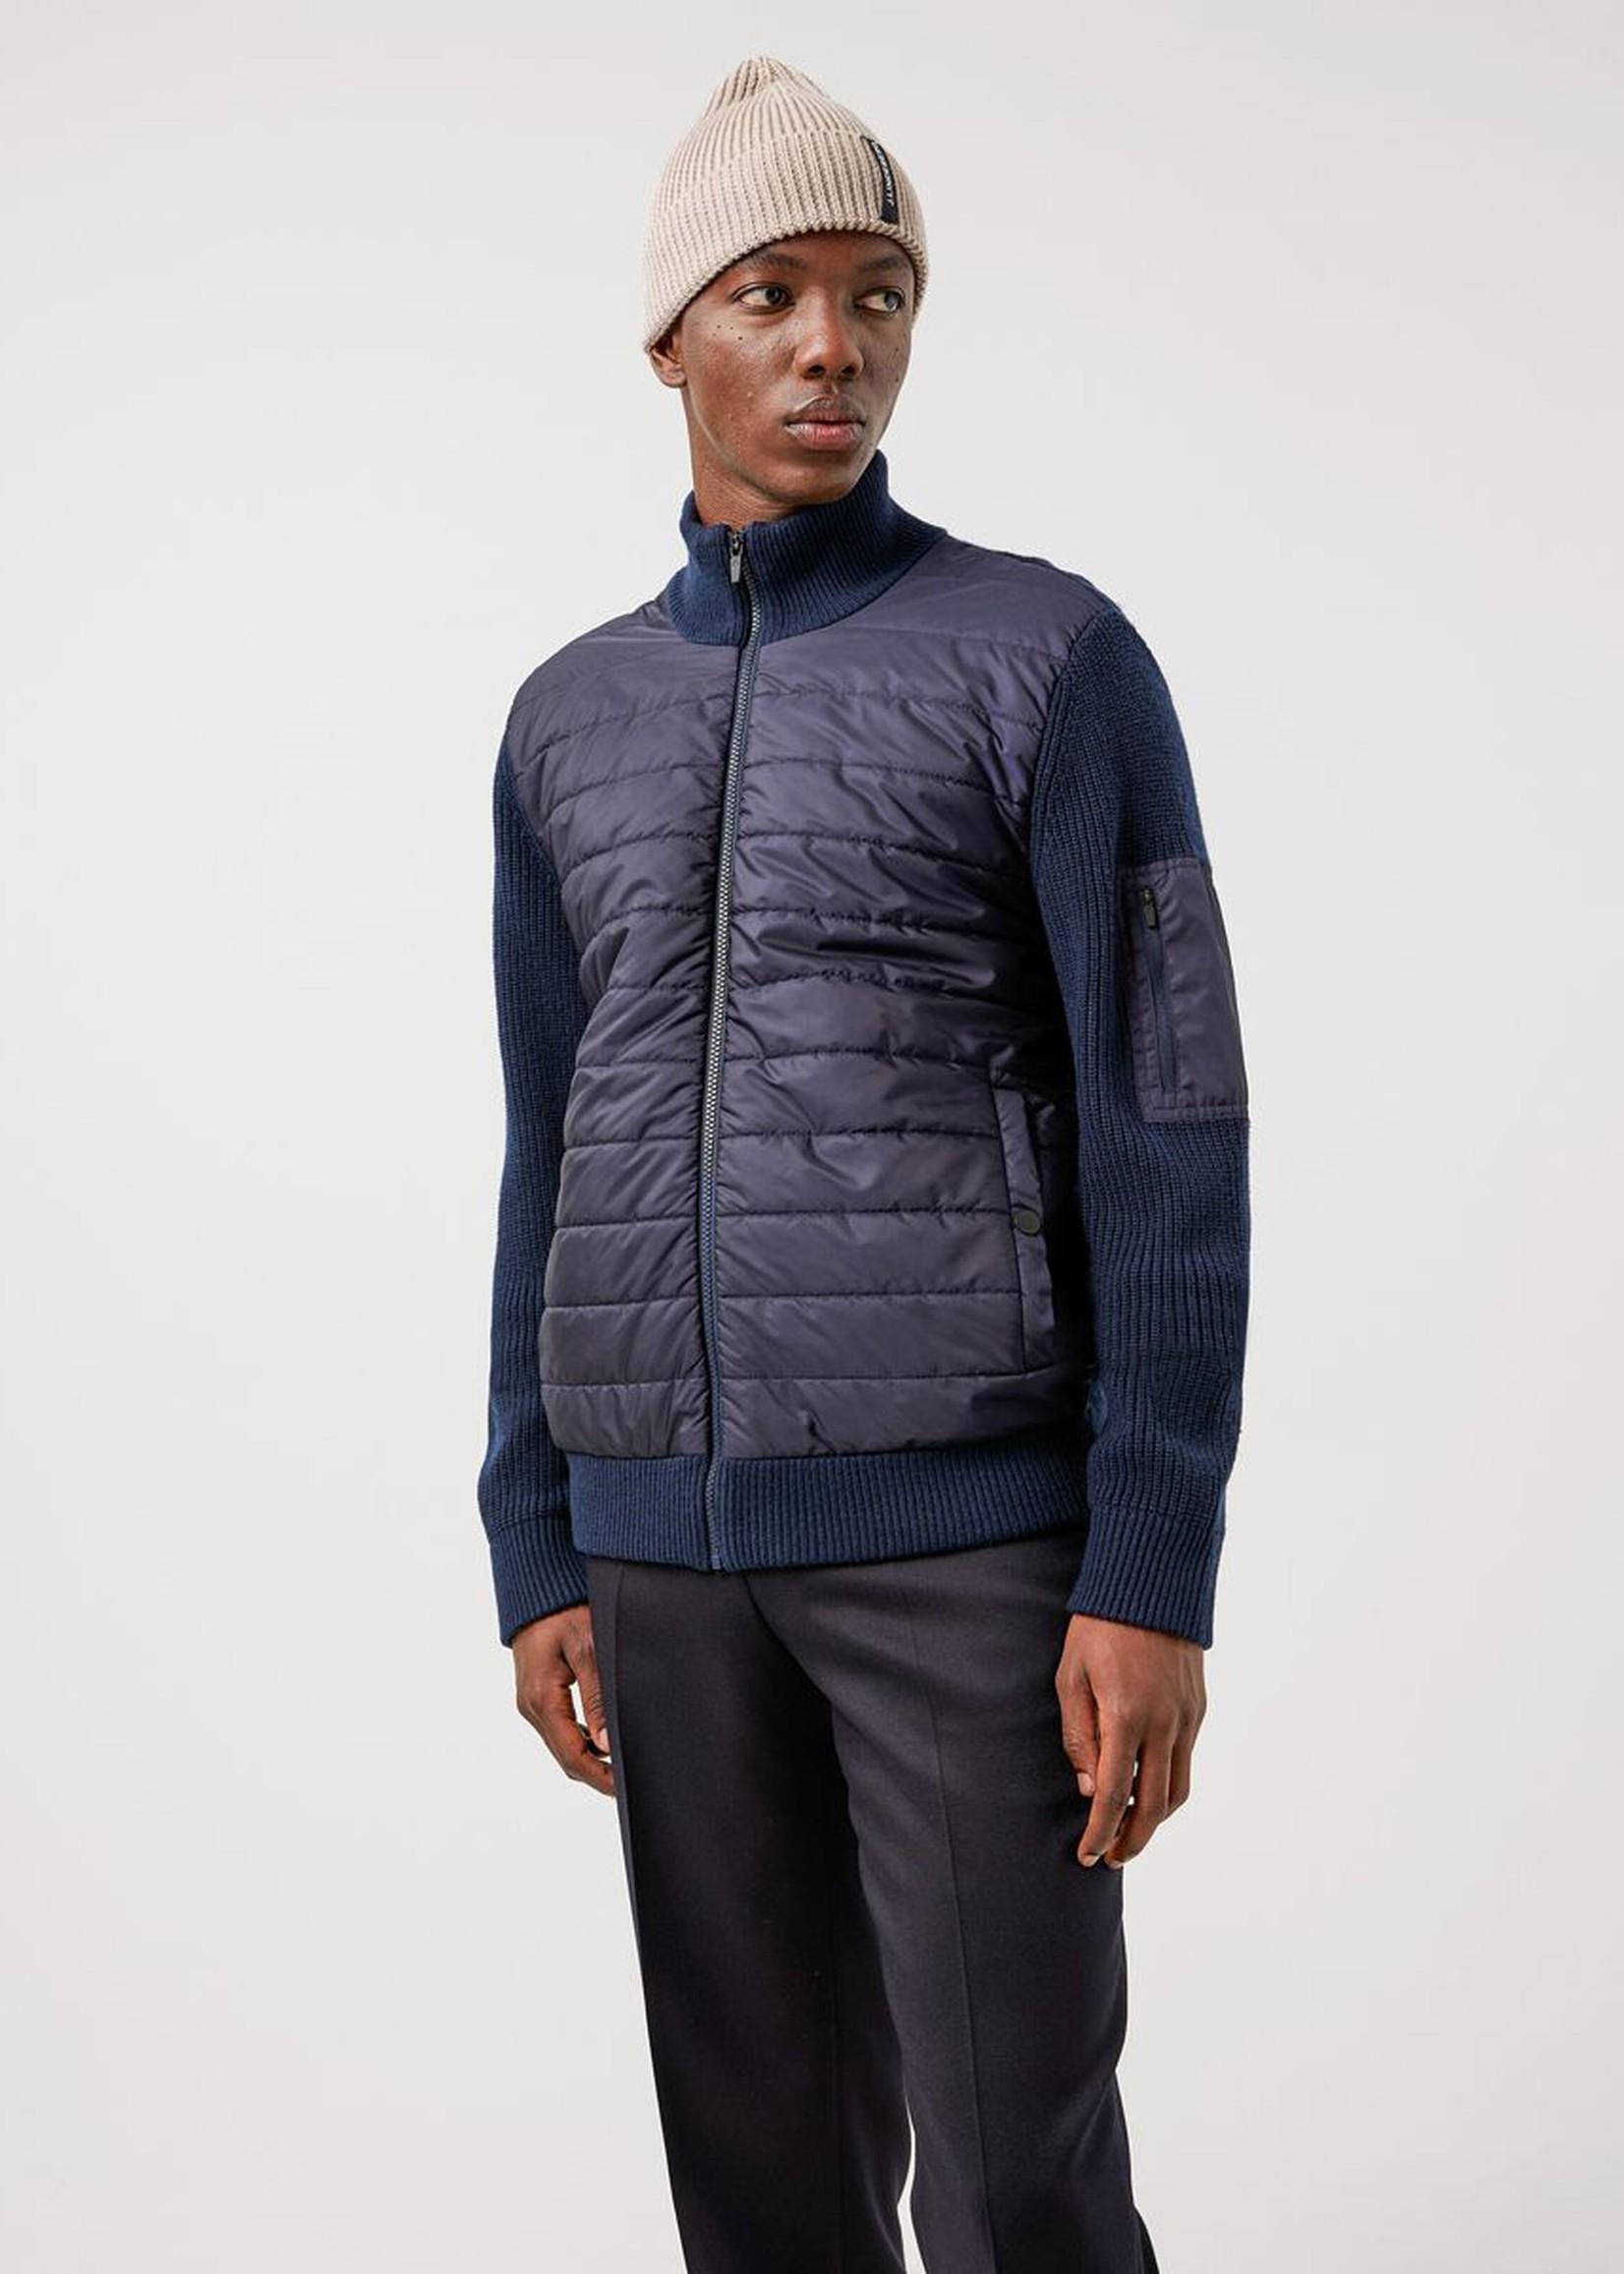 J. Lindeberg Beck Knitted Hybrid Jacket